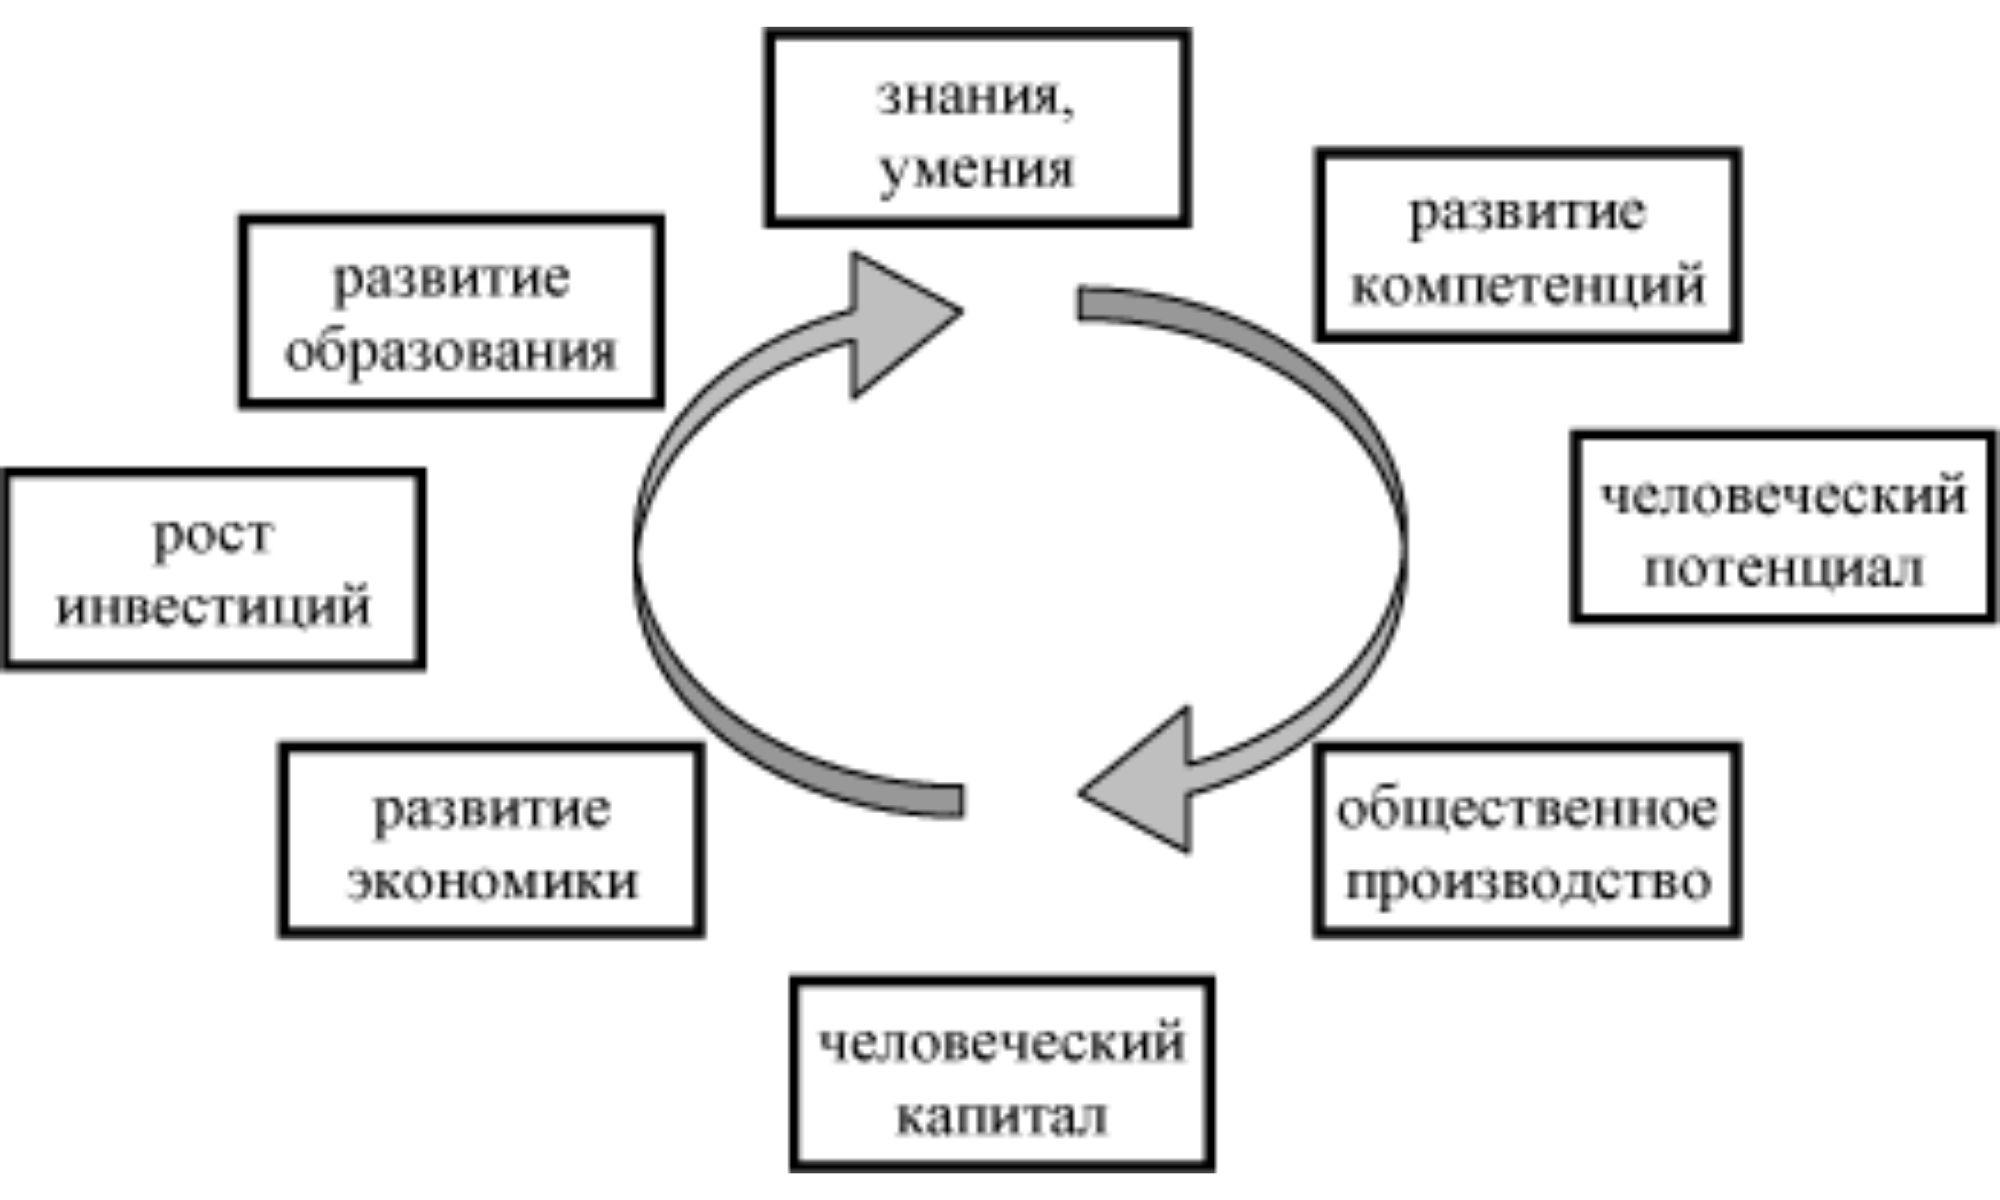 Человеческий капитал это в экономике главный фактор развития государства